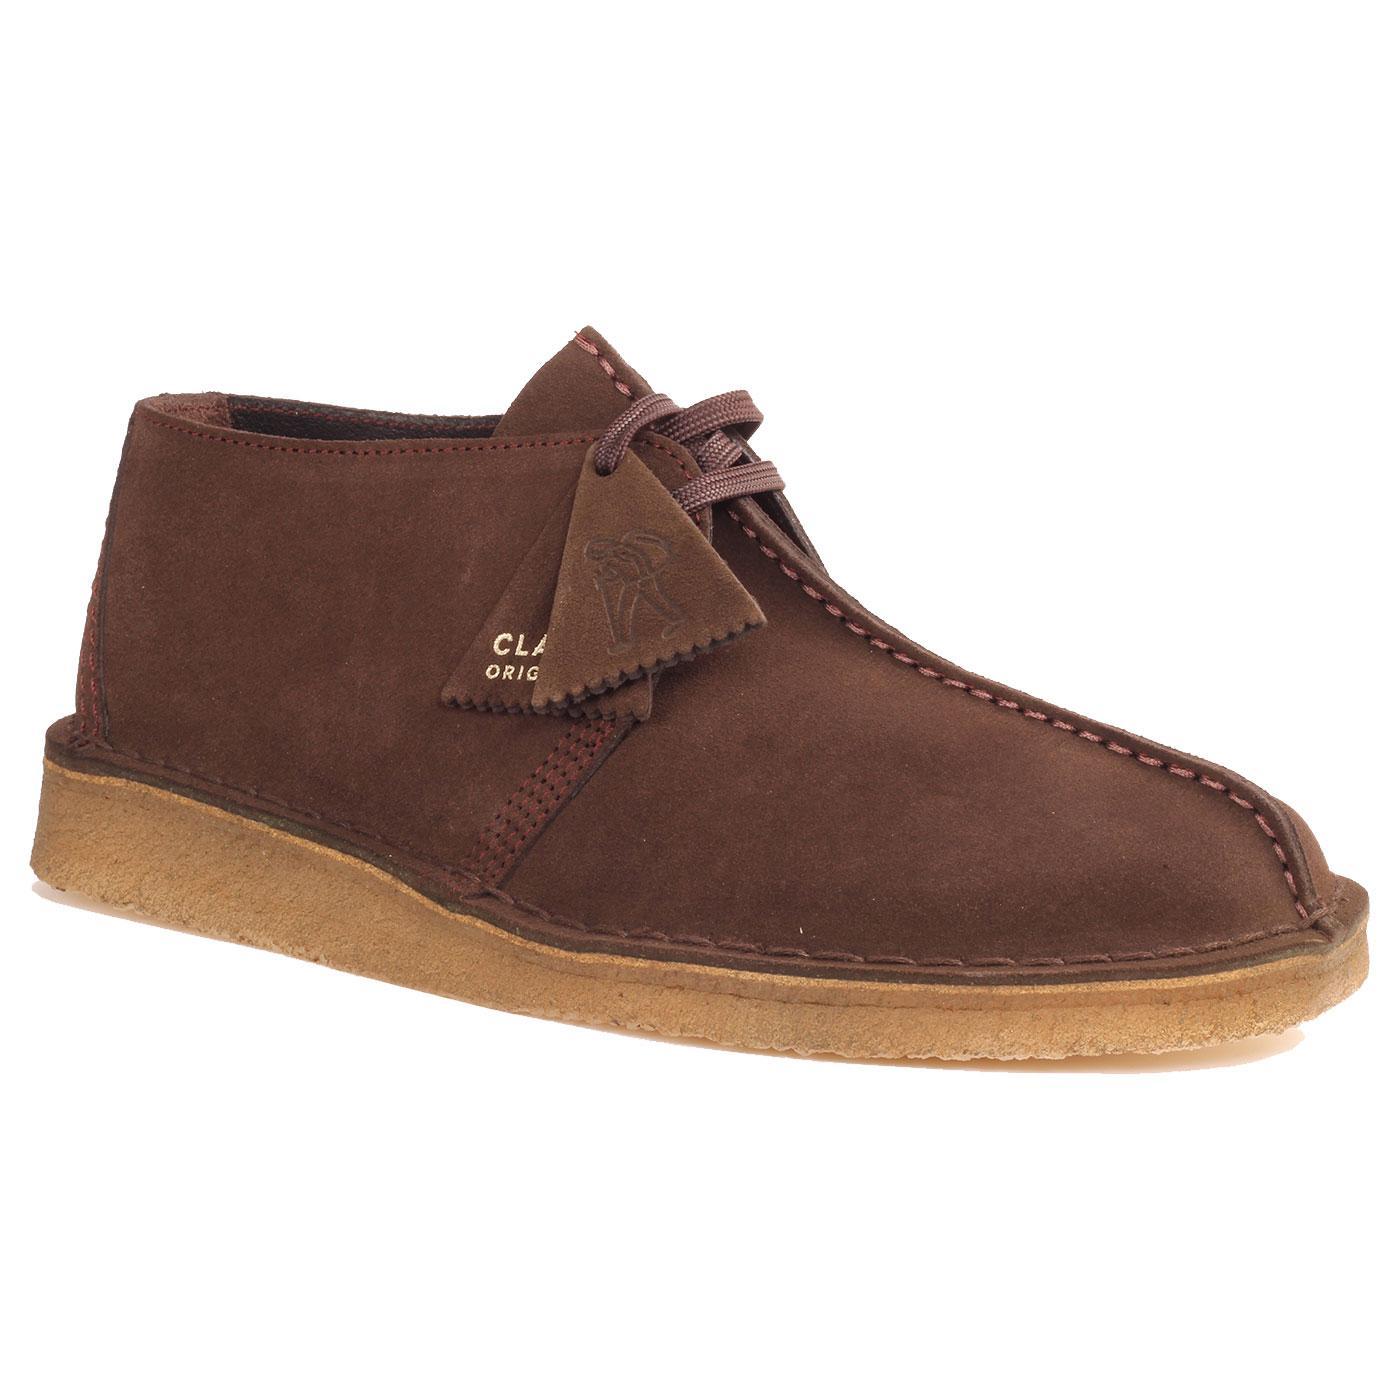 Desert Trek CLARKS ORIGINALS Retro Casual Shoes DB